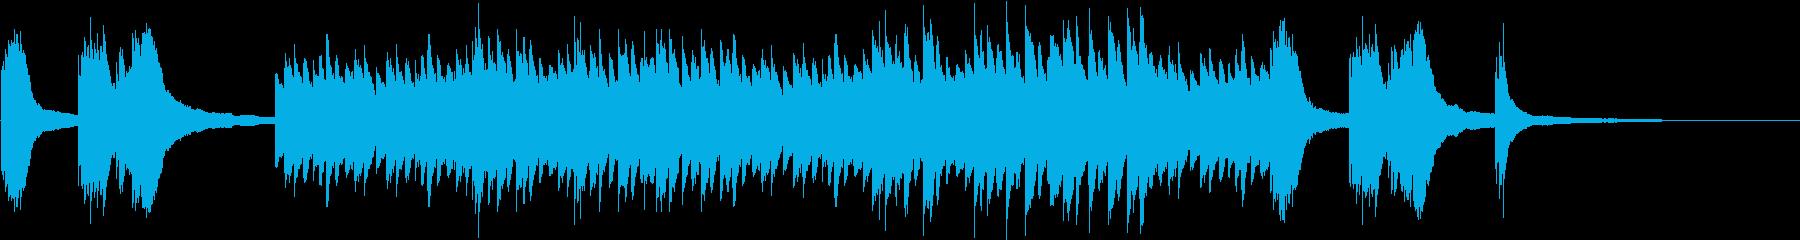 切ないゲームなどに合いそうなピアノ曲5の再生済みの波形